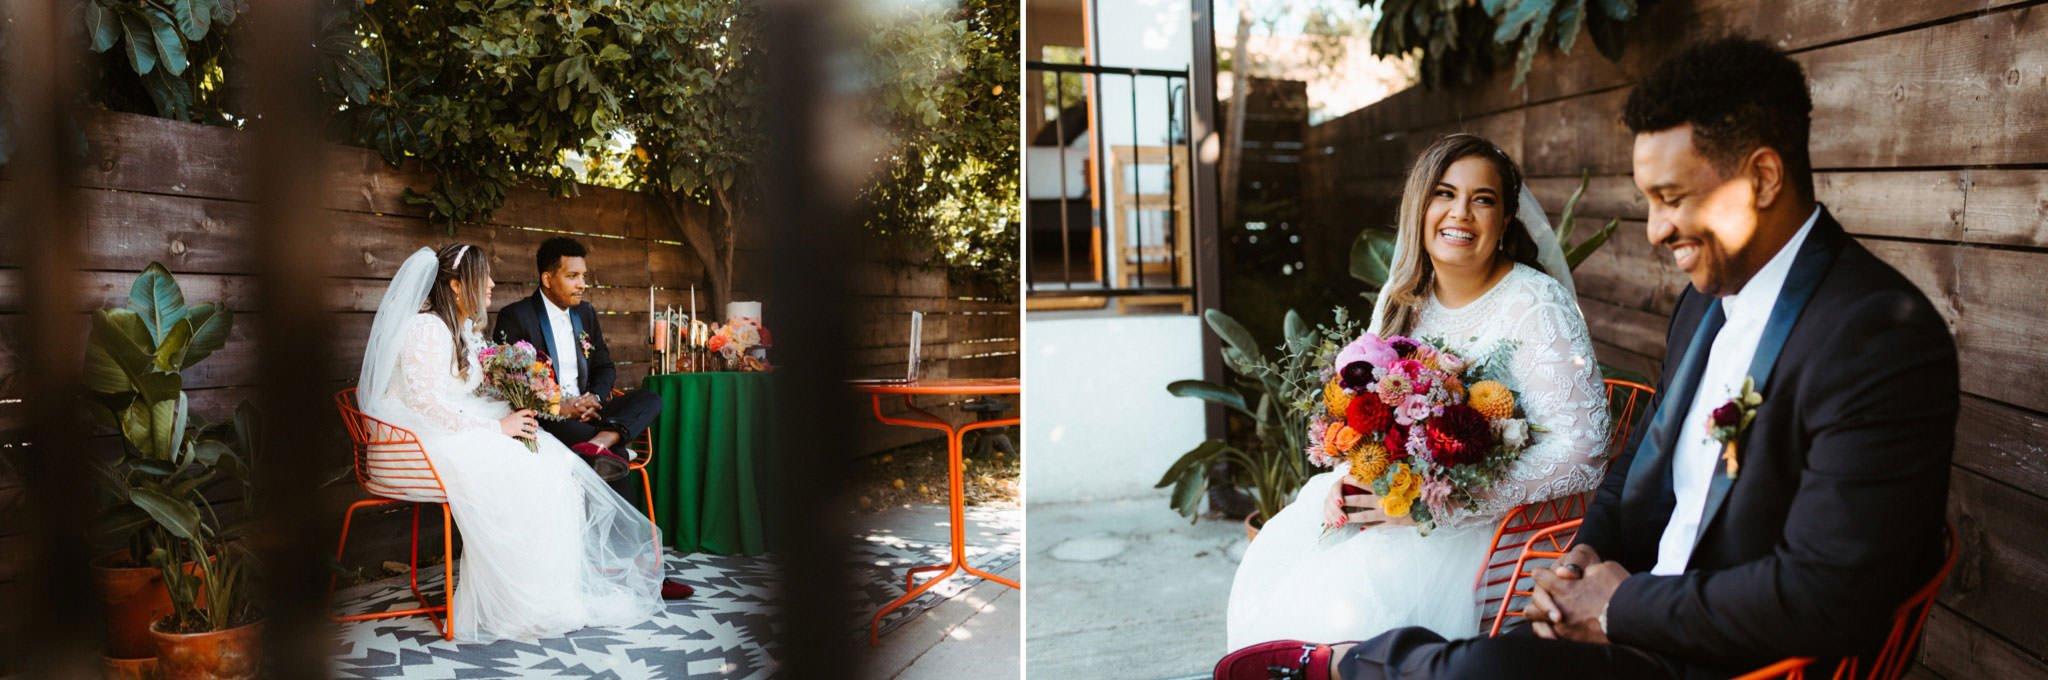 la elopement photos 044